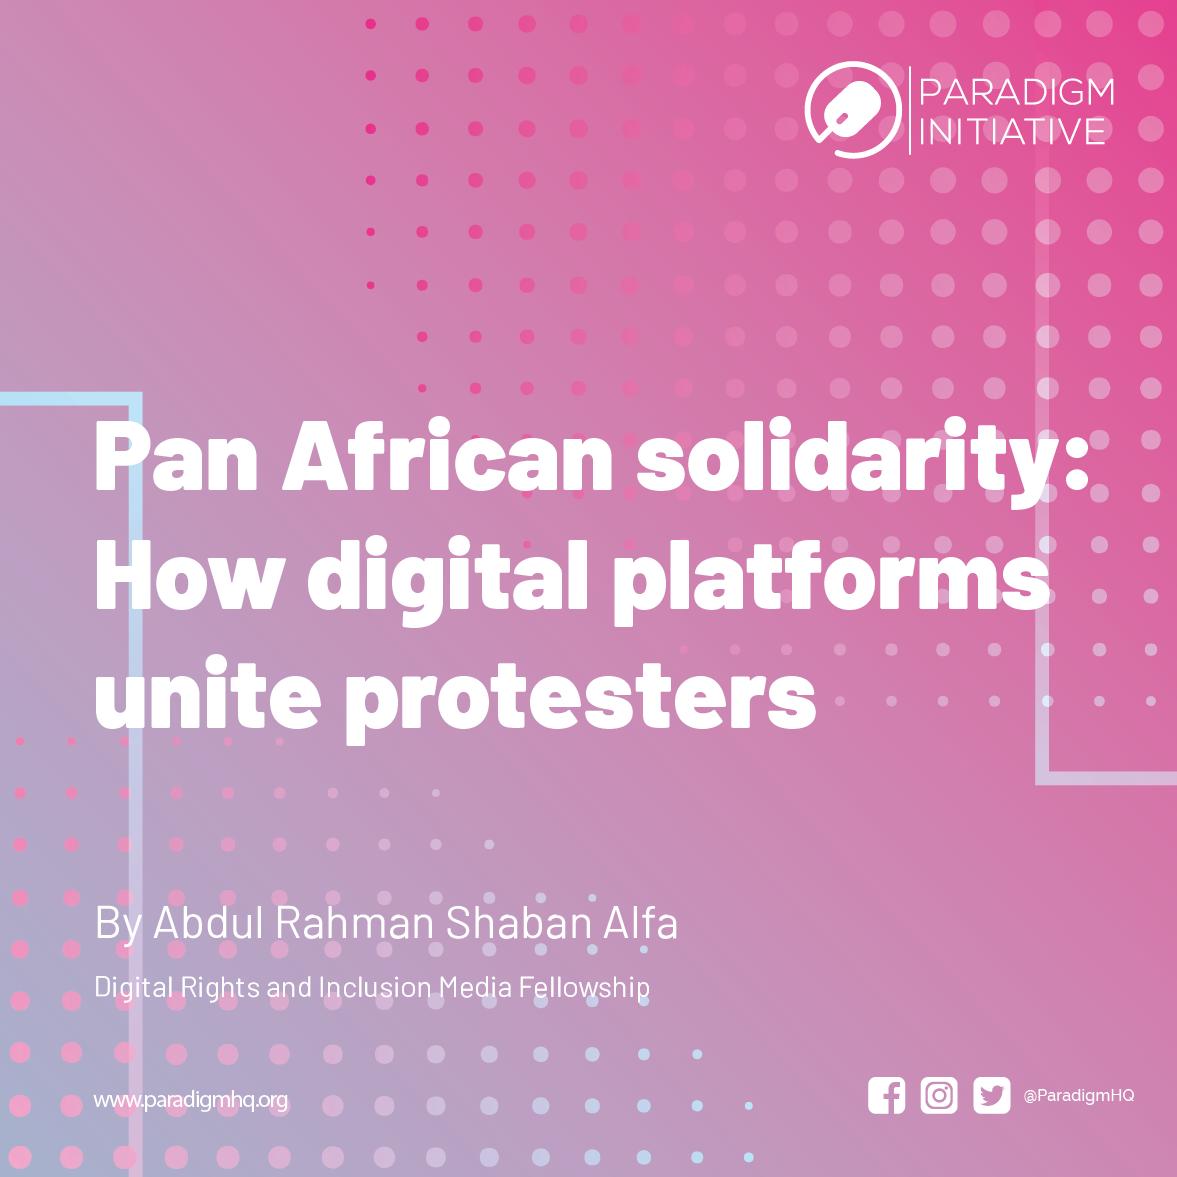 Pan African solidarity: How digital platforms unite protesters